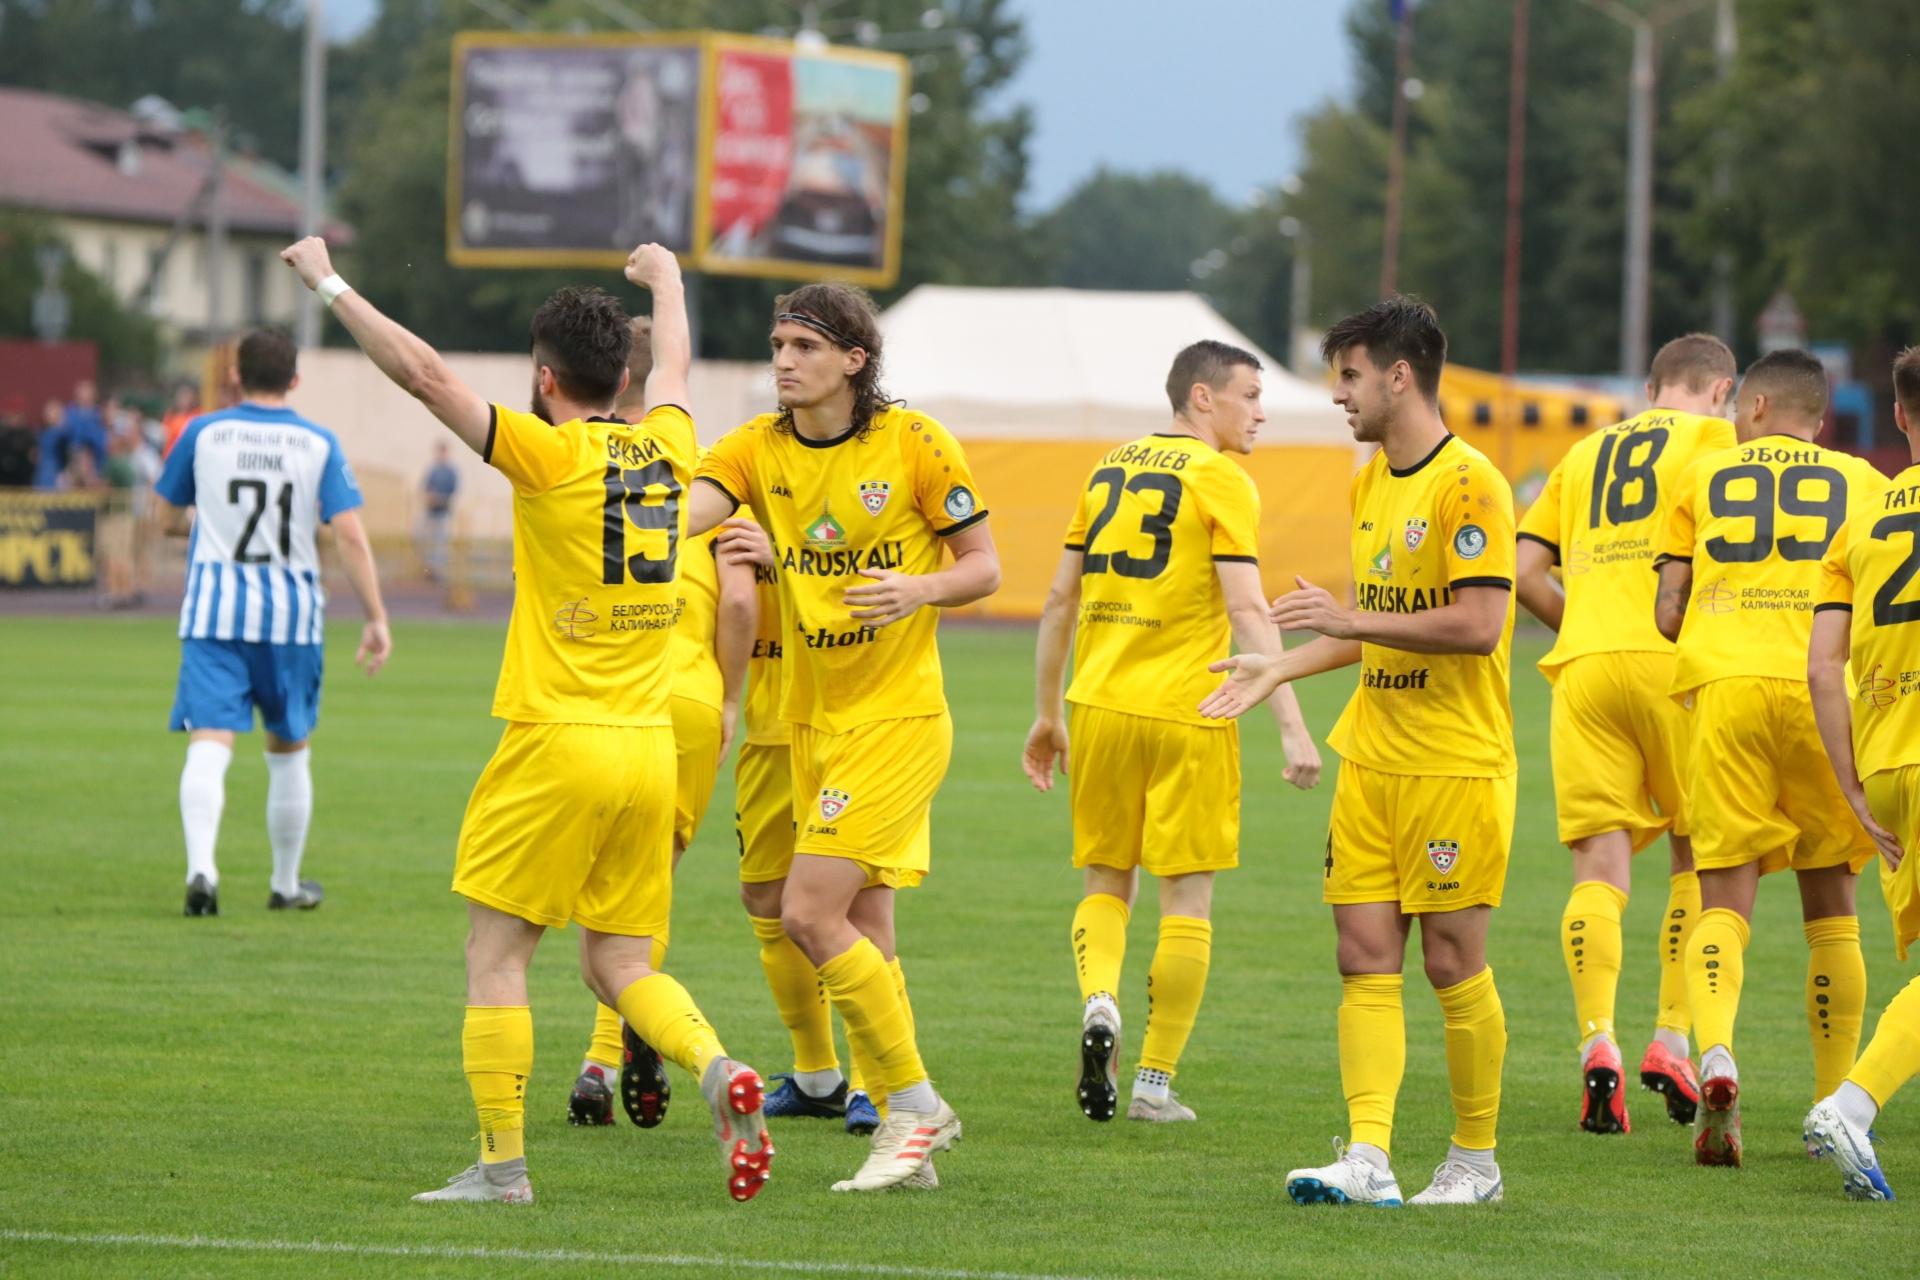 ФК Шахтер Солигорск   Match   Шахтер Солигорск - Эсбьерг 2:0